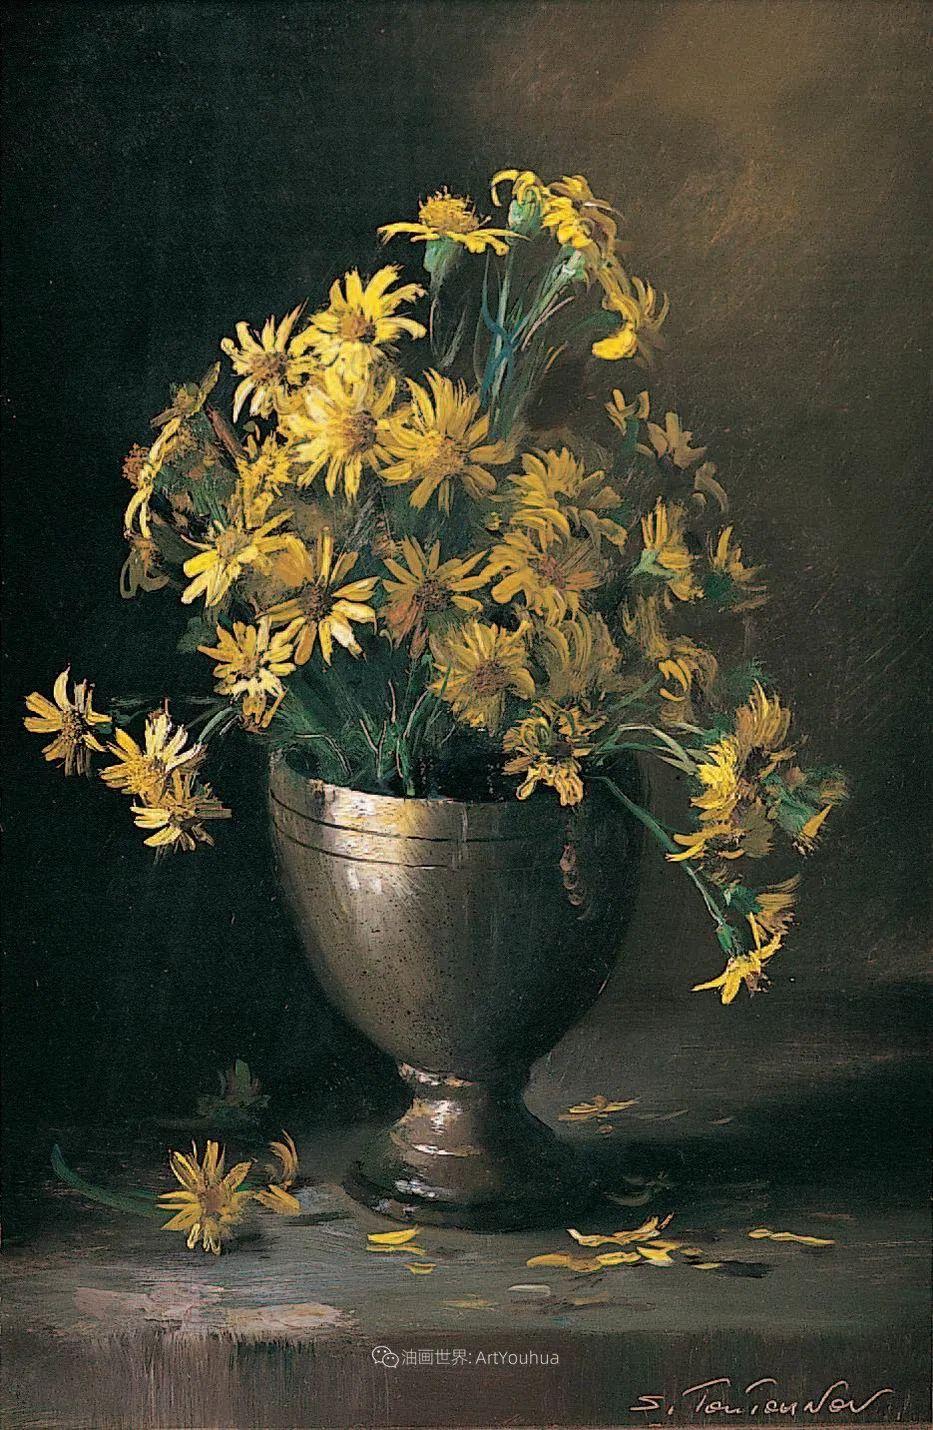 花香袭人,绚丽多彩!俄罗斯画家谢尔盖·图图诺夫插图33